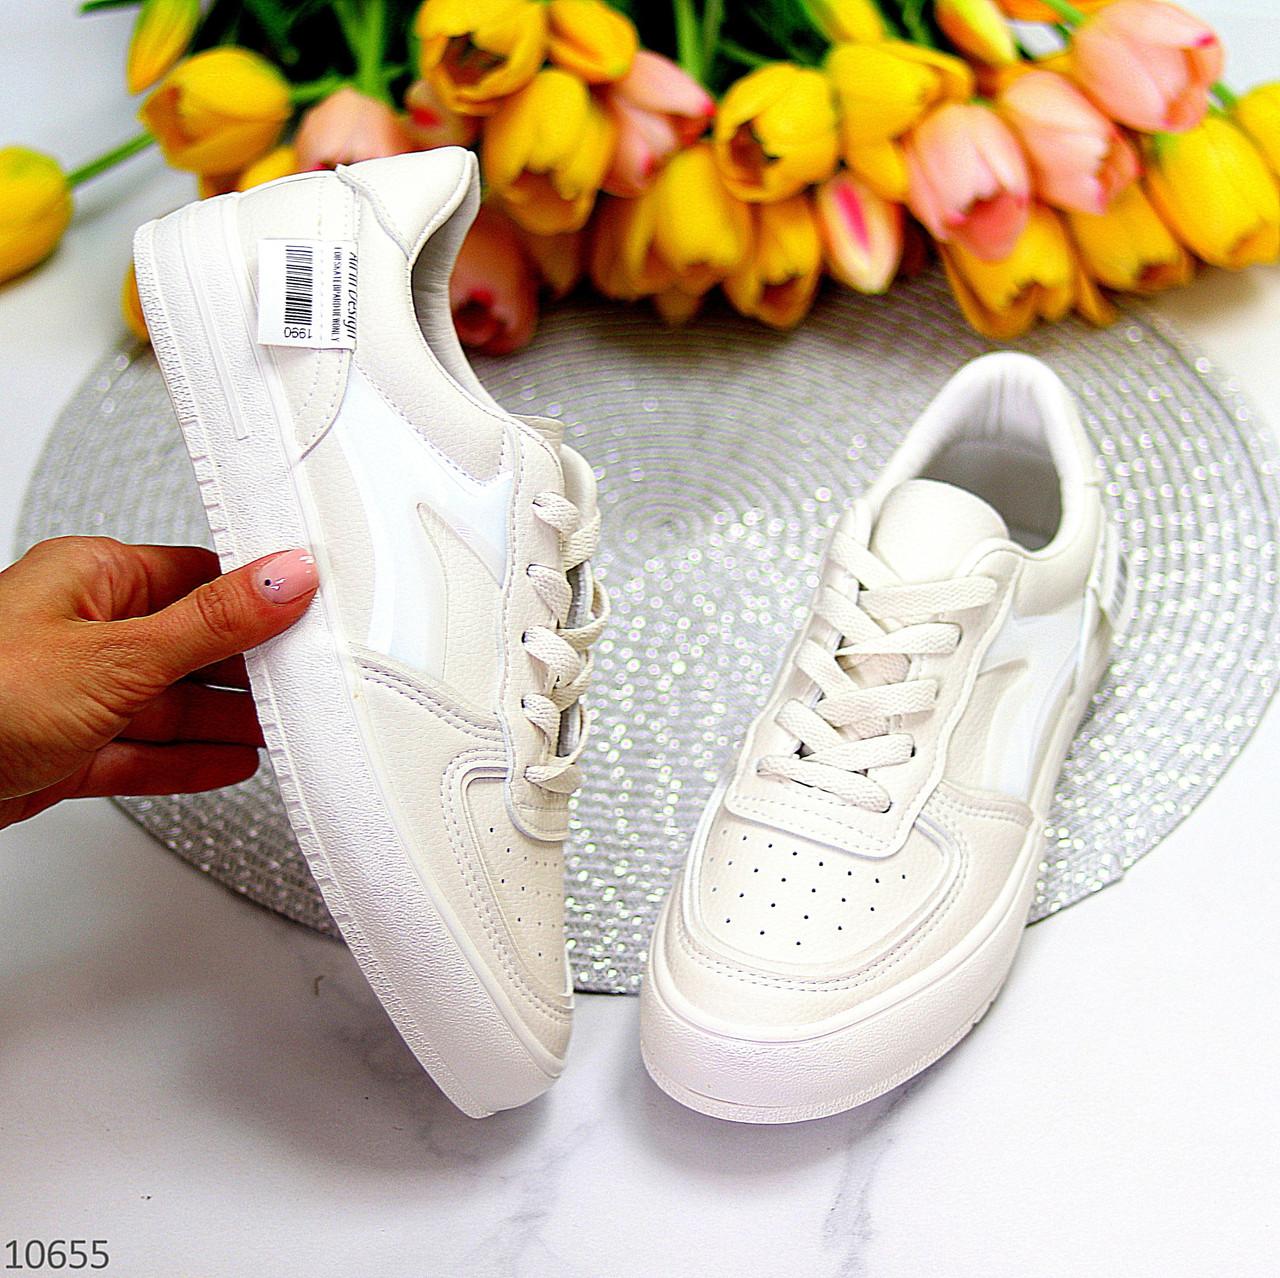 Люксовые светлые молочные женские кроссовки кеды на шнуровке в ассортименте 38-24см